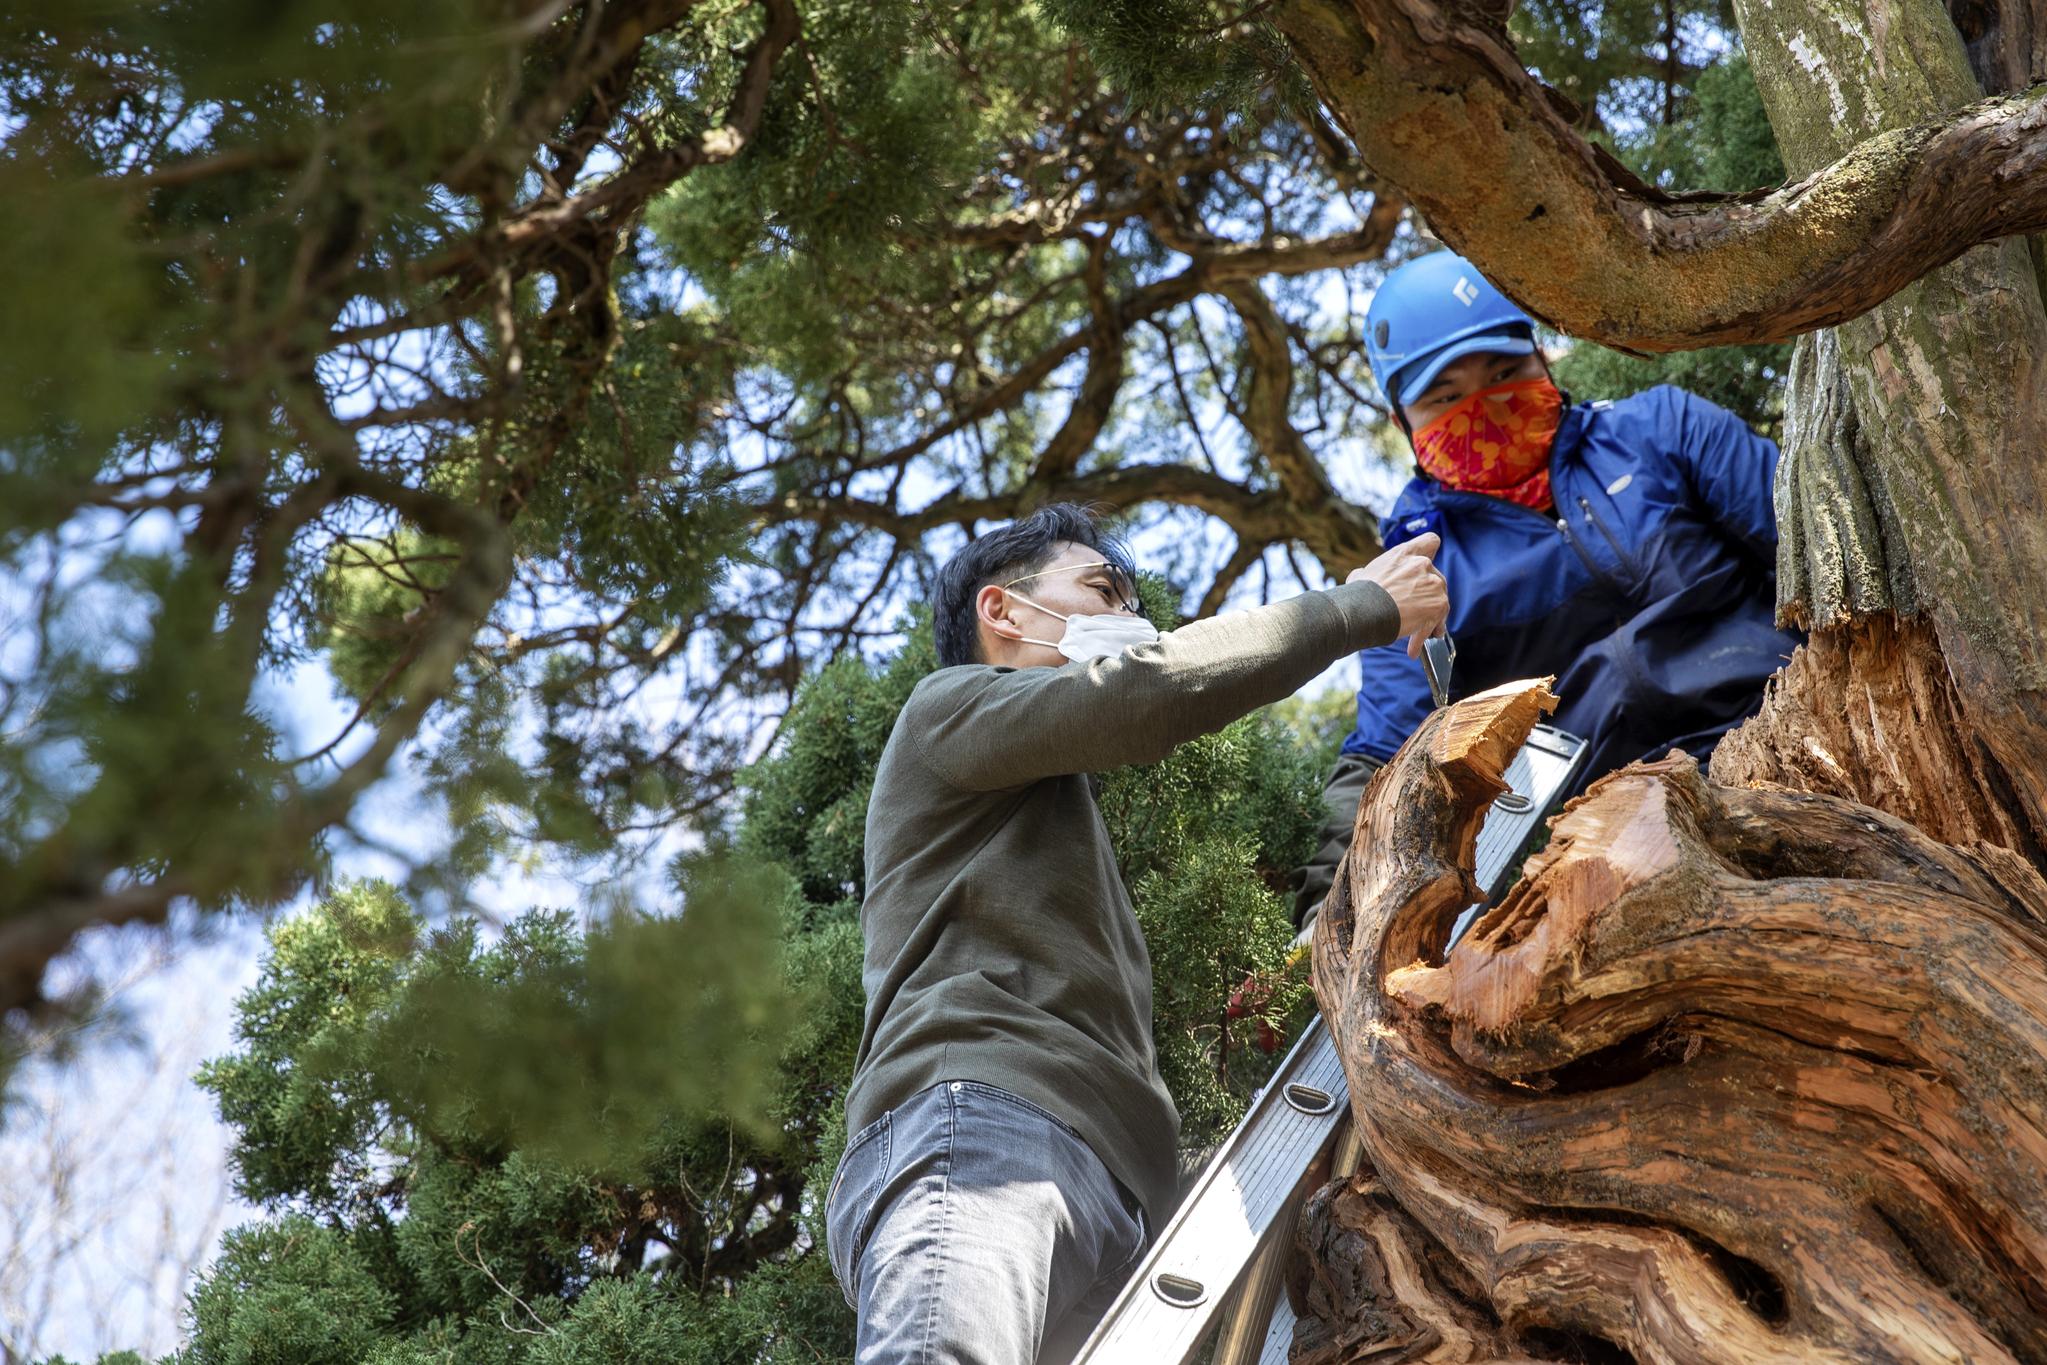 나무의사 문성철 원장(왼쪽)이 전남 순천 송광사 천자암에 있는 천년기념물 쌍향수를 진단하고 있다.